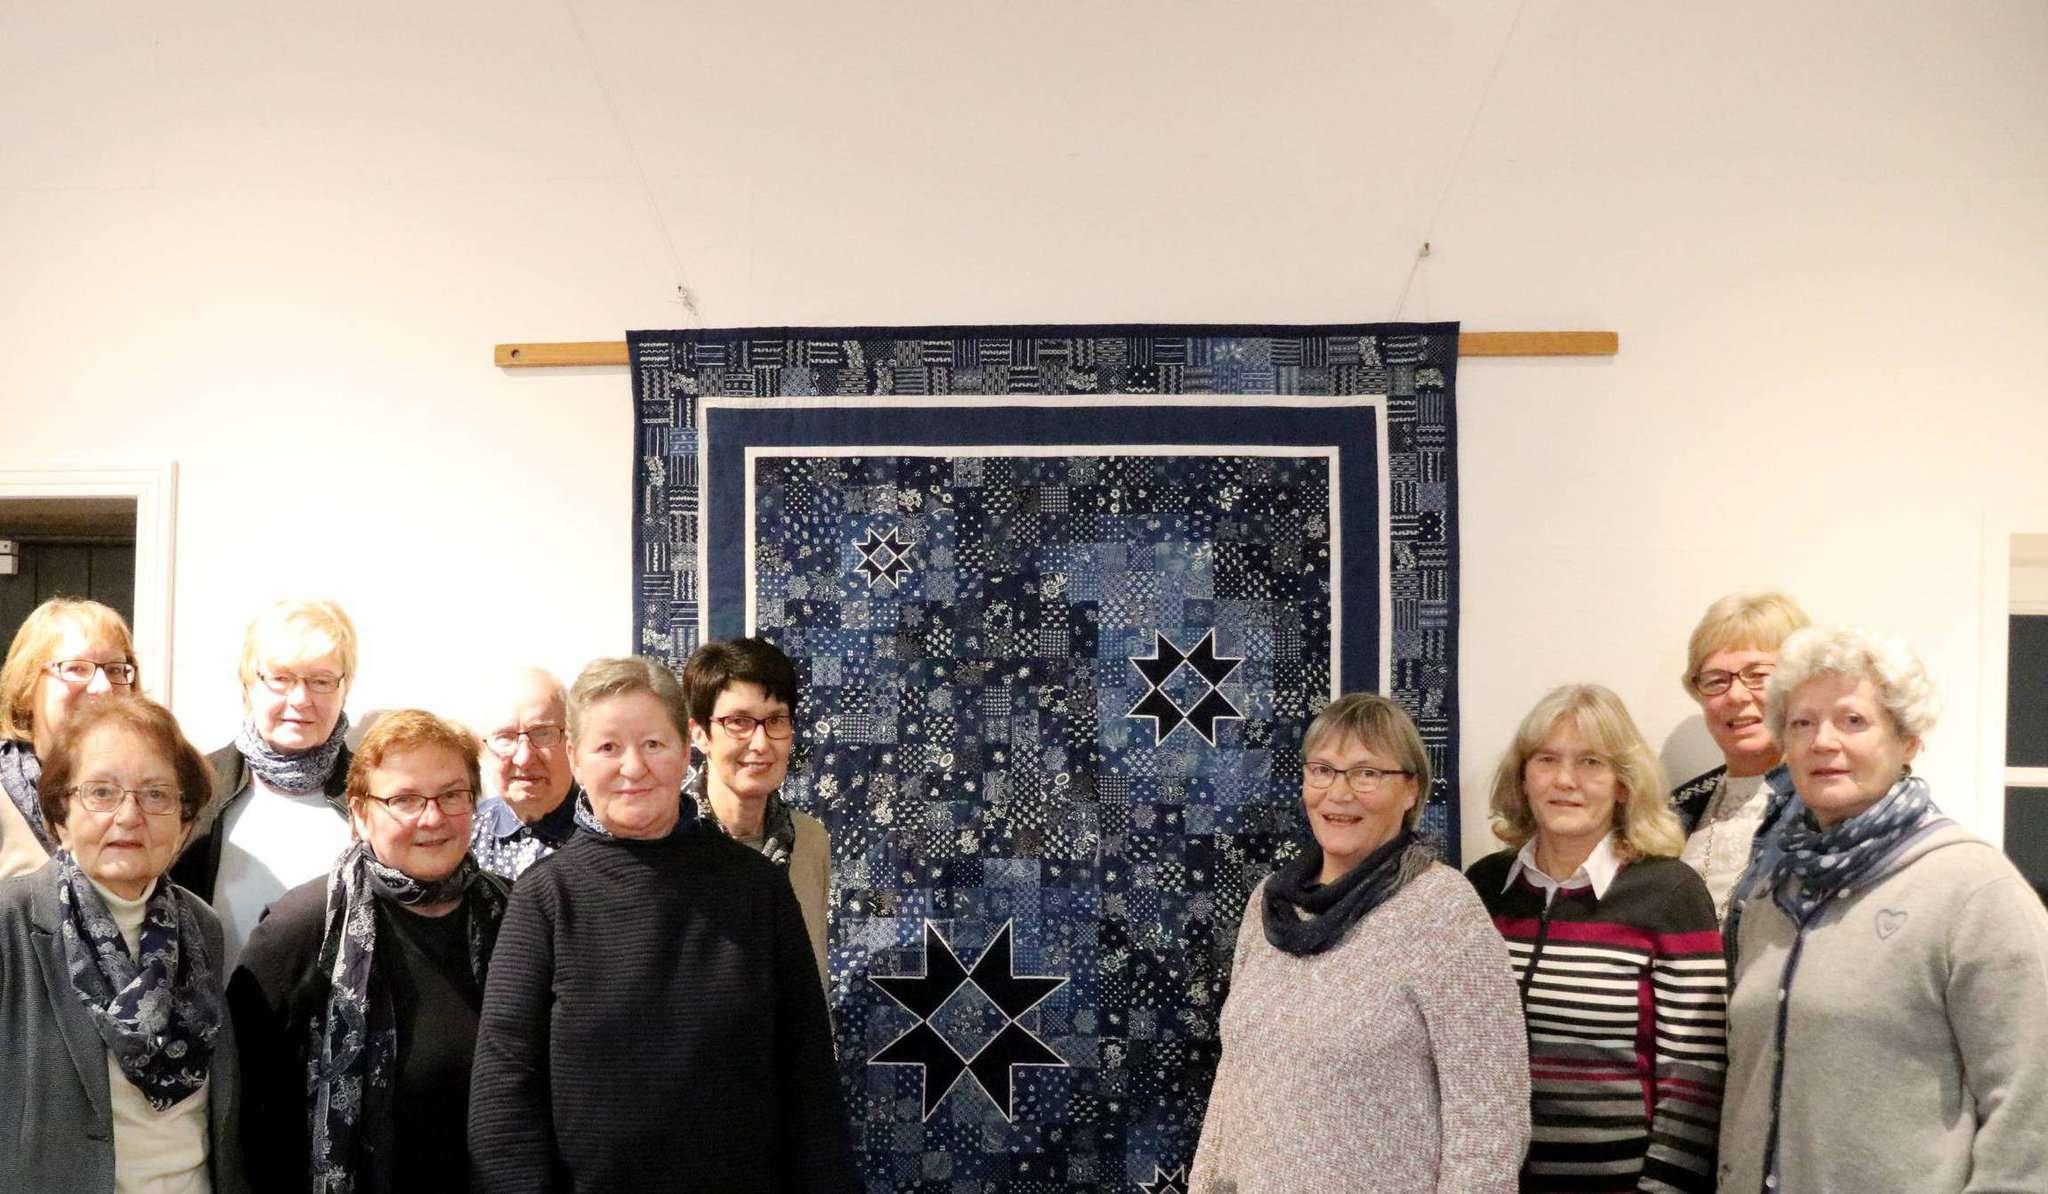 Das Scheeßeler Blaudruckteam und die Näherinnen des Quilts freuen sich über die Auszeichnung der Unesco. Das Kunstwerk selbst soll voraussichtlich im kommenden Jahr im Rahmen einer Ausstellung in Paris zu sehen sein. Fotos: Nina Baucke